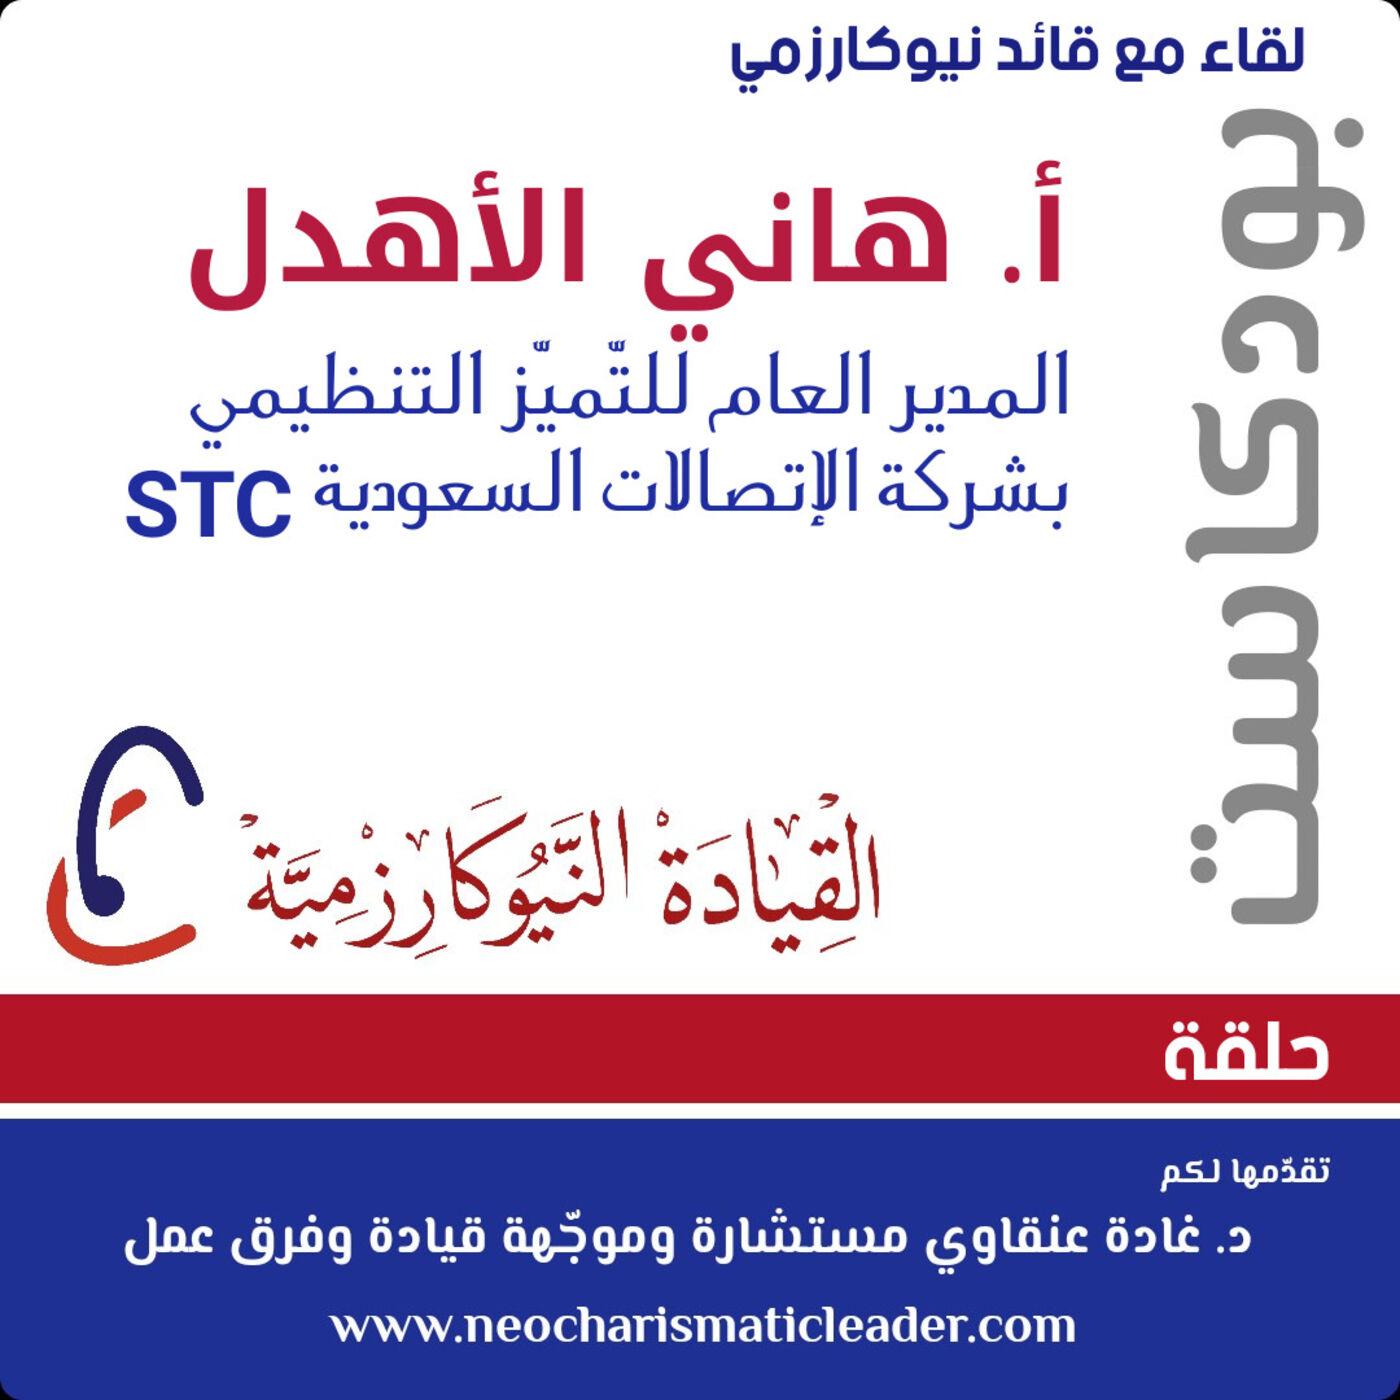 حلقة 35 - لقاء مع ضيف قائد نيوكارزمي أ.هاني الأهدل المدير العام للتميّز التنظيمي بشركة الإتّصالات السعودية